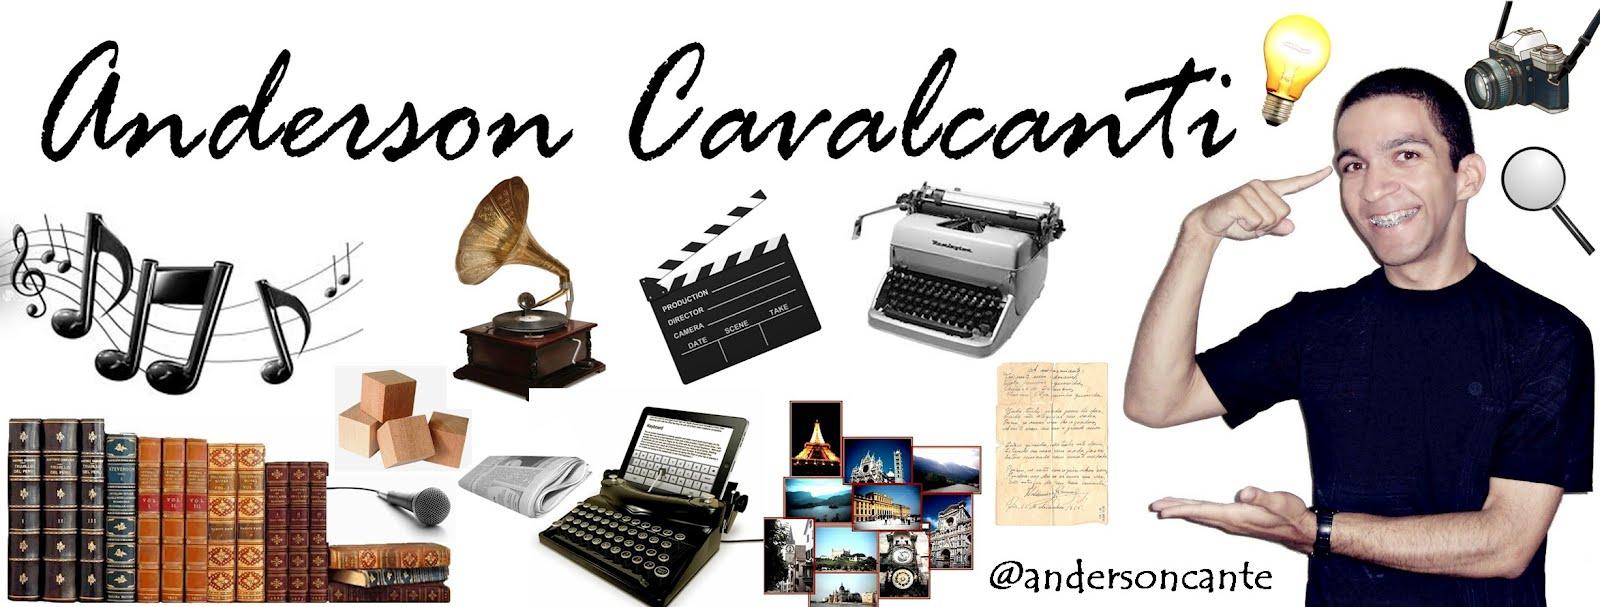 Anderson Cavalcanti